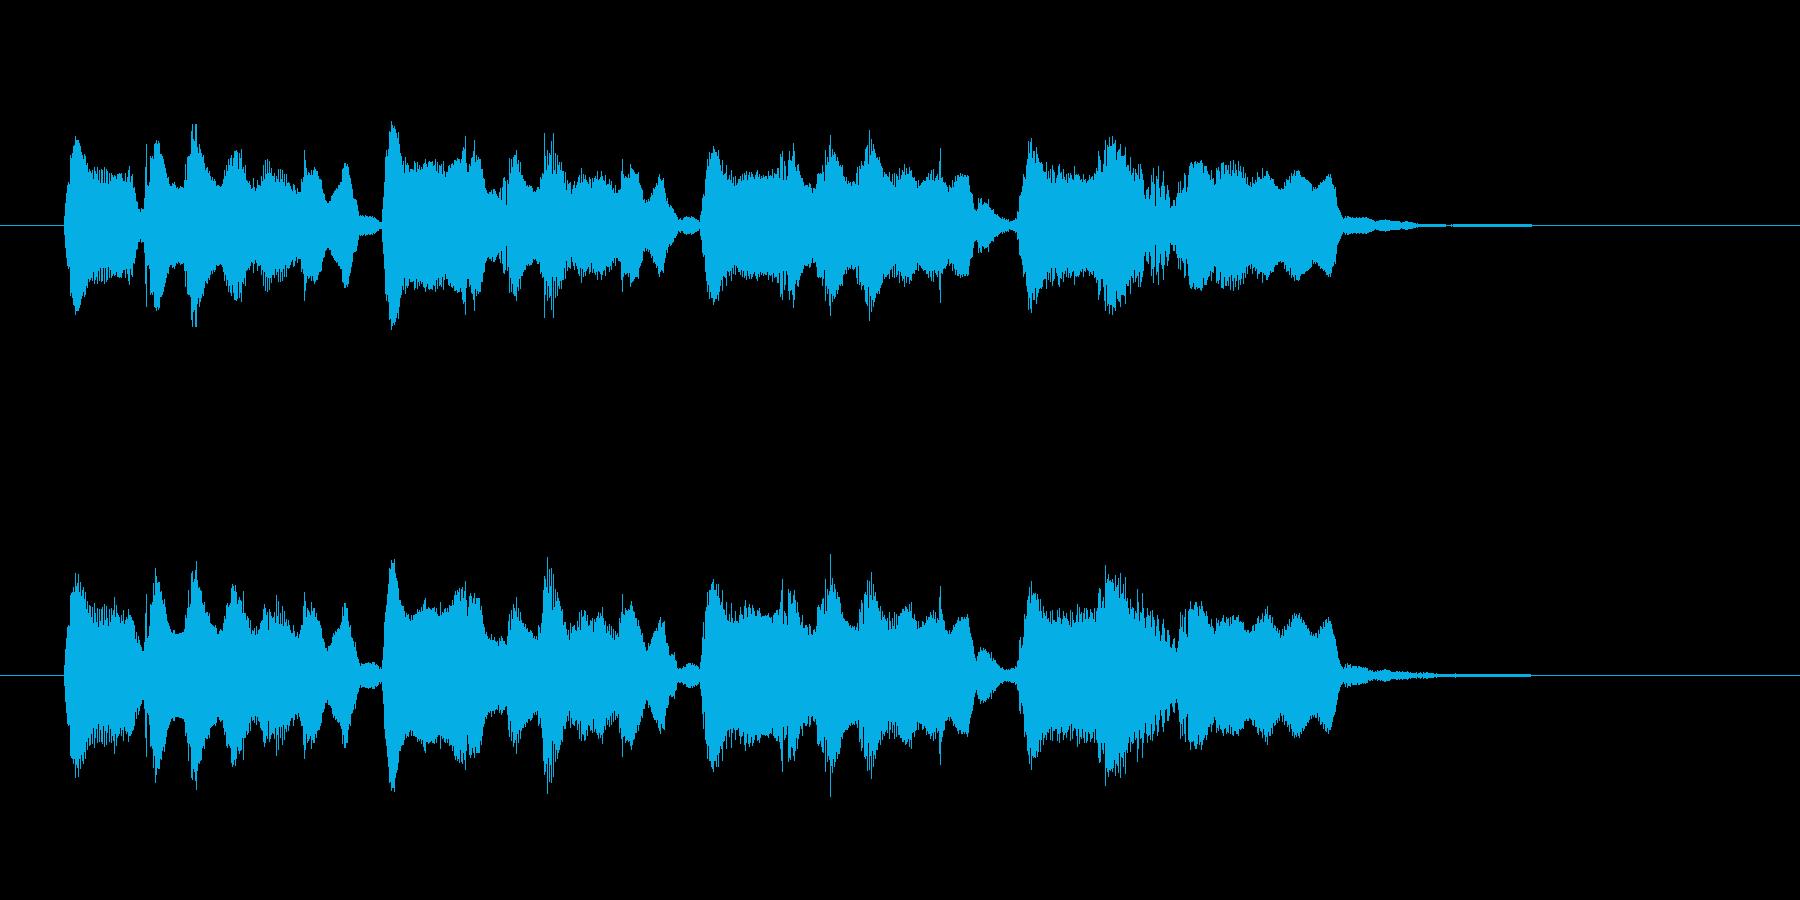 明るく愉快な笛のメロディーのポップスの再生済みの波形